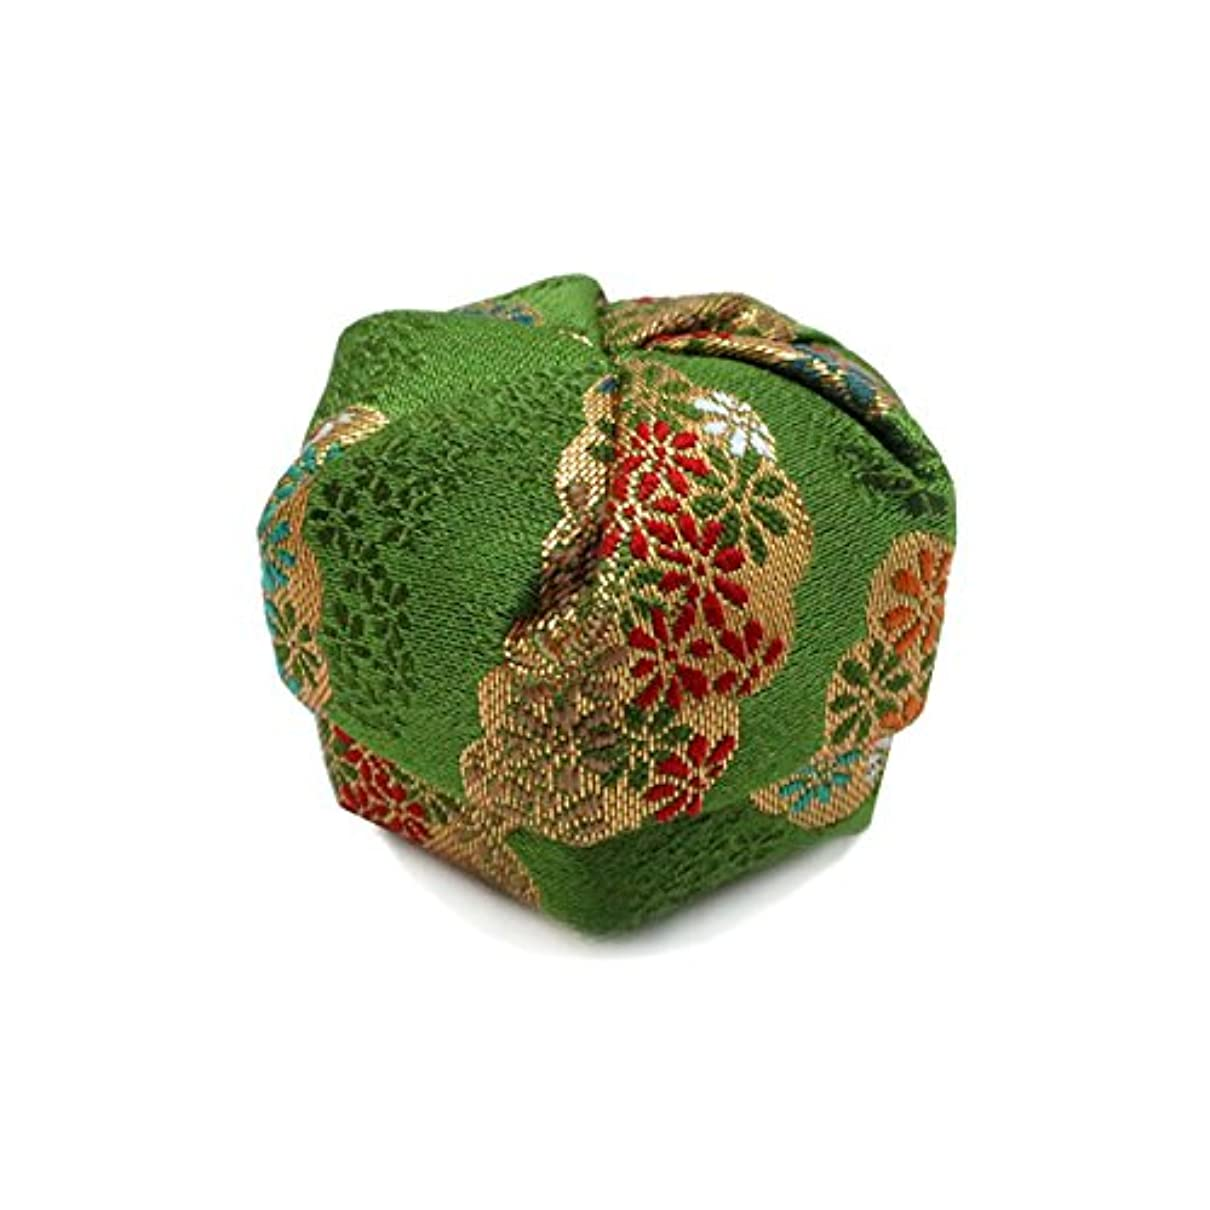 ギャングギャンブルファーム布香盒 緑系 紙箱入